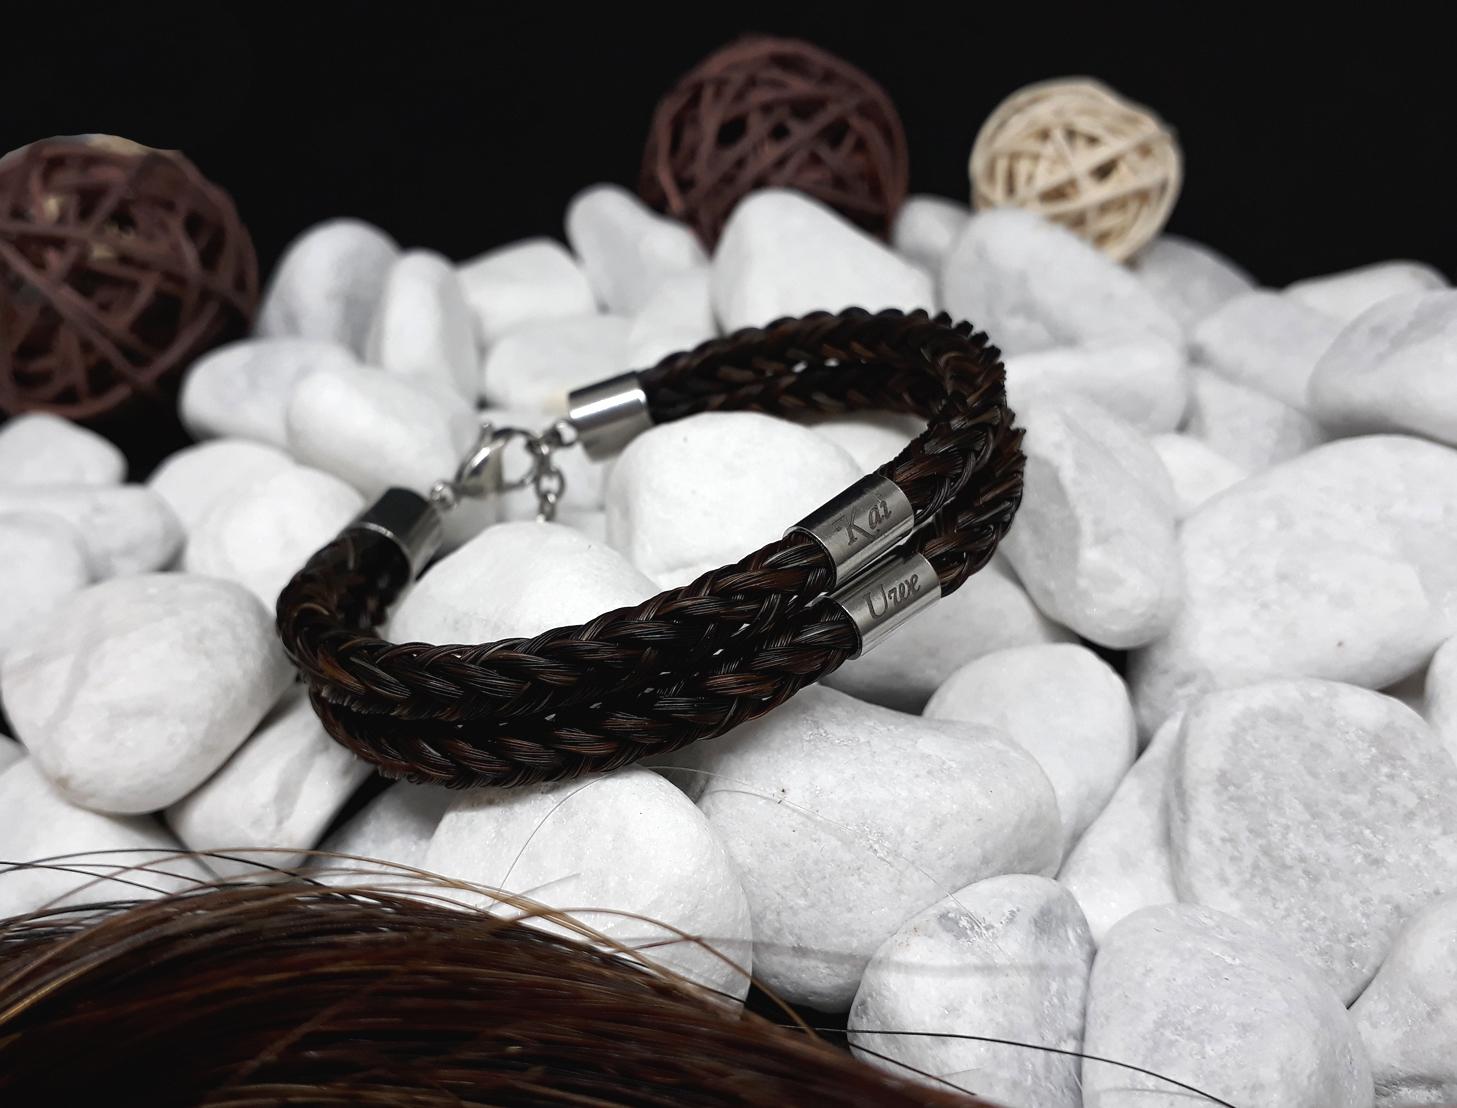 Doppelt viereckig geflochtenes Armband aus 8 Strängen mit je zwei Edelstahl Hülsen (dick) mit Gravur, mit Edelstahl-Karabinerverschluss - Preis: 104 Euro